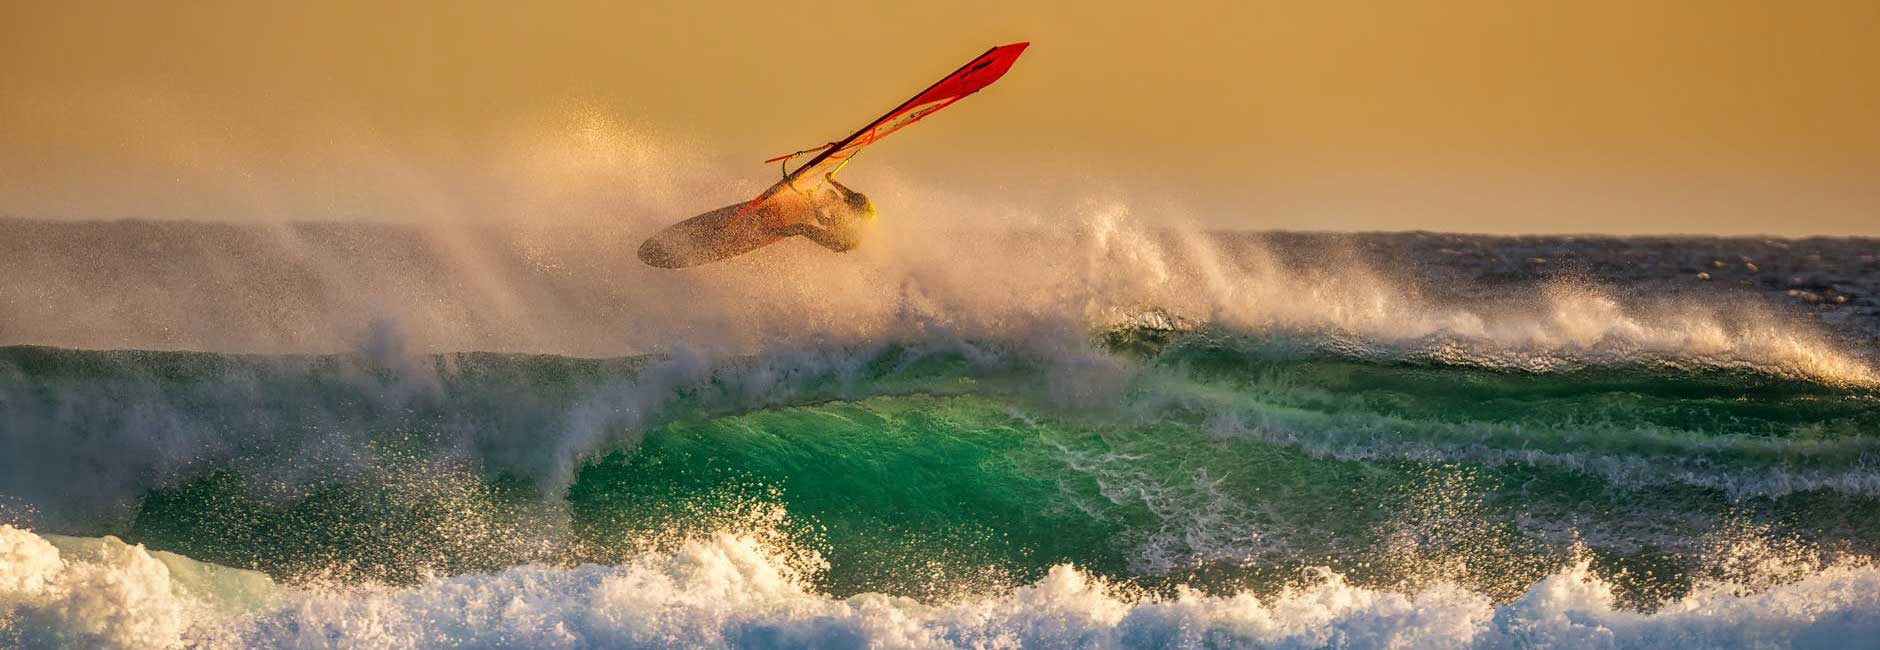 beach - sail